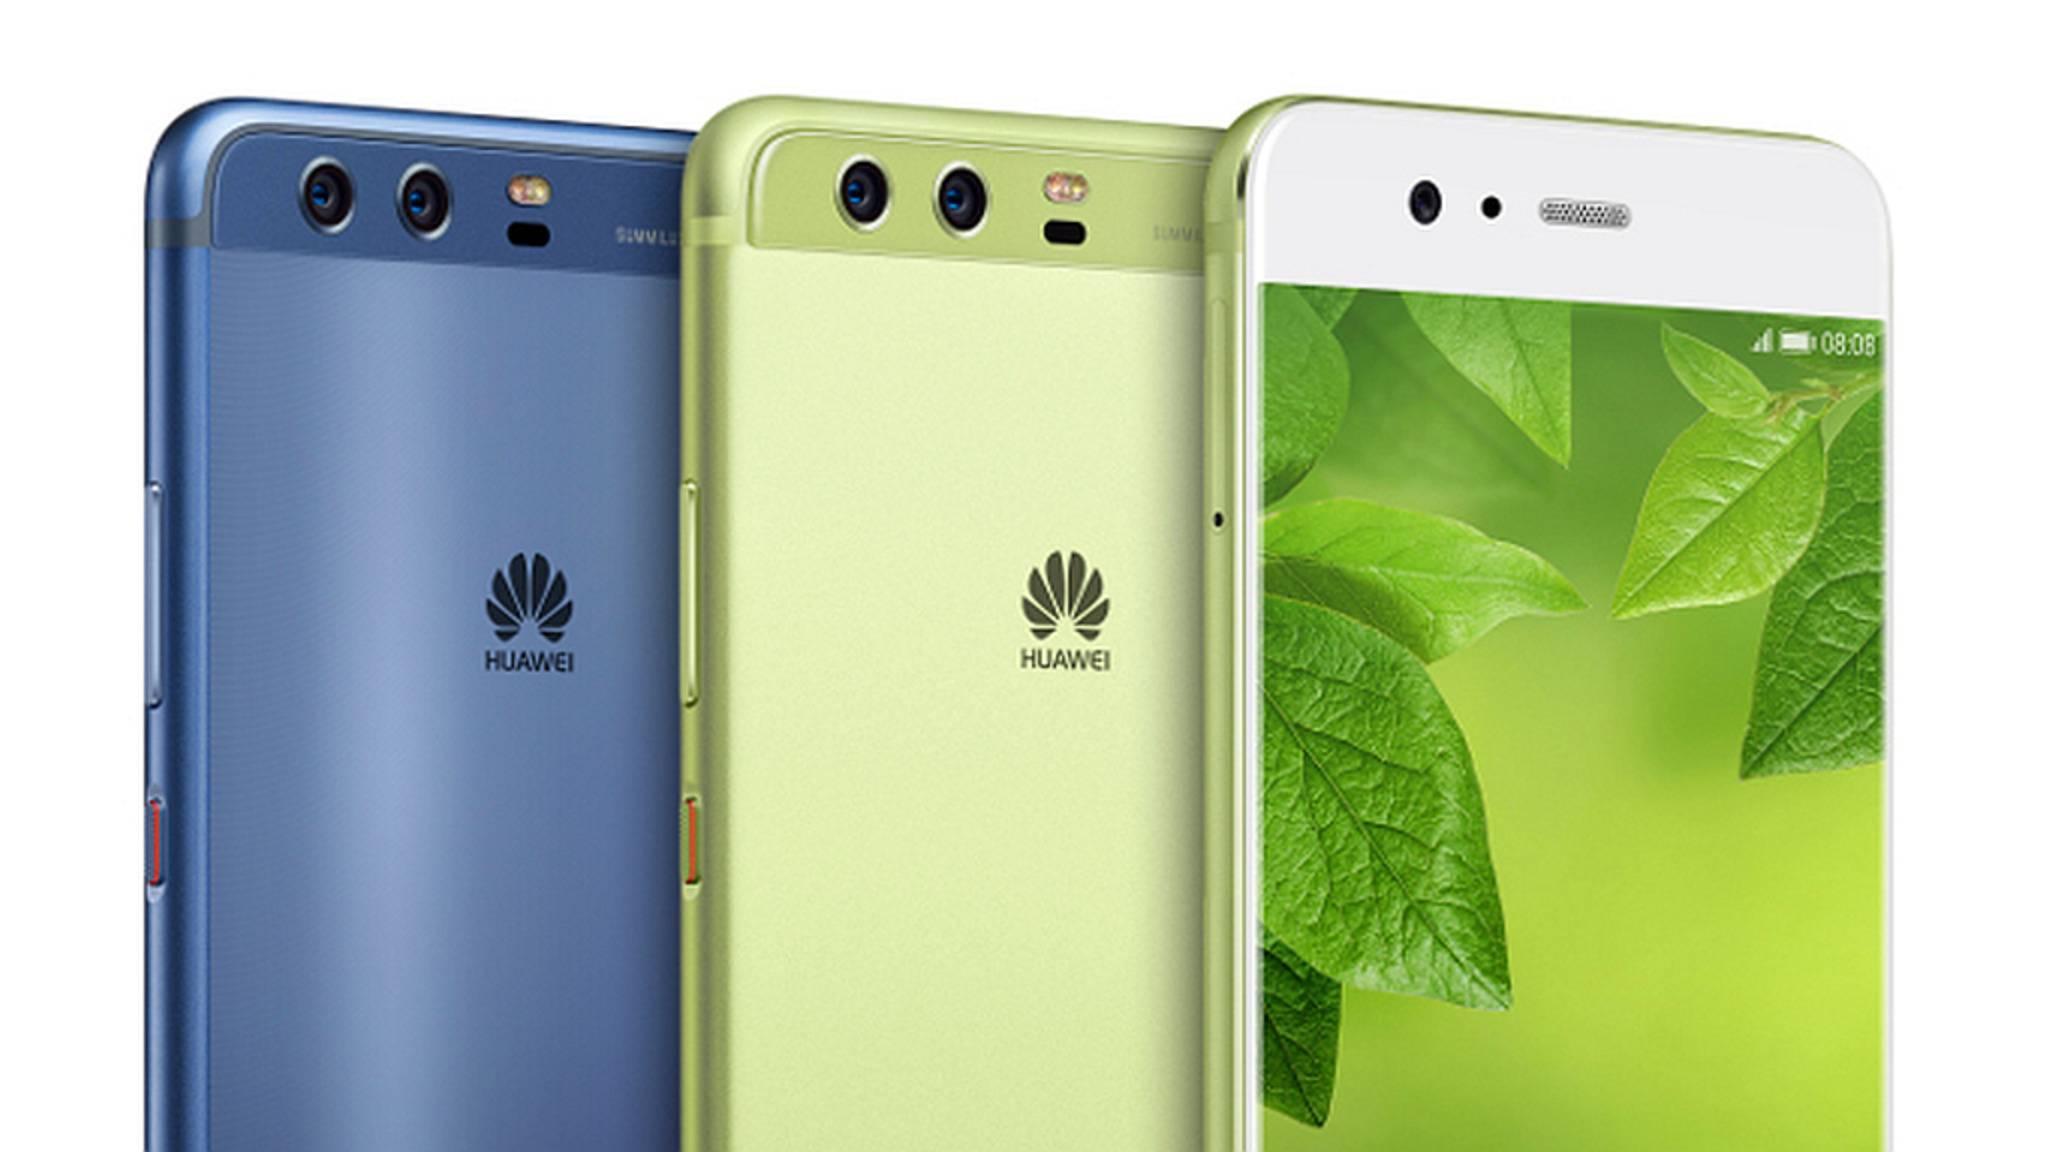 Die Kameratechnik im Huawei P10 steckt auch im bereits erhältlichen Huawei Mate 9.